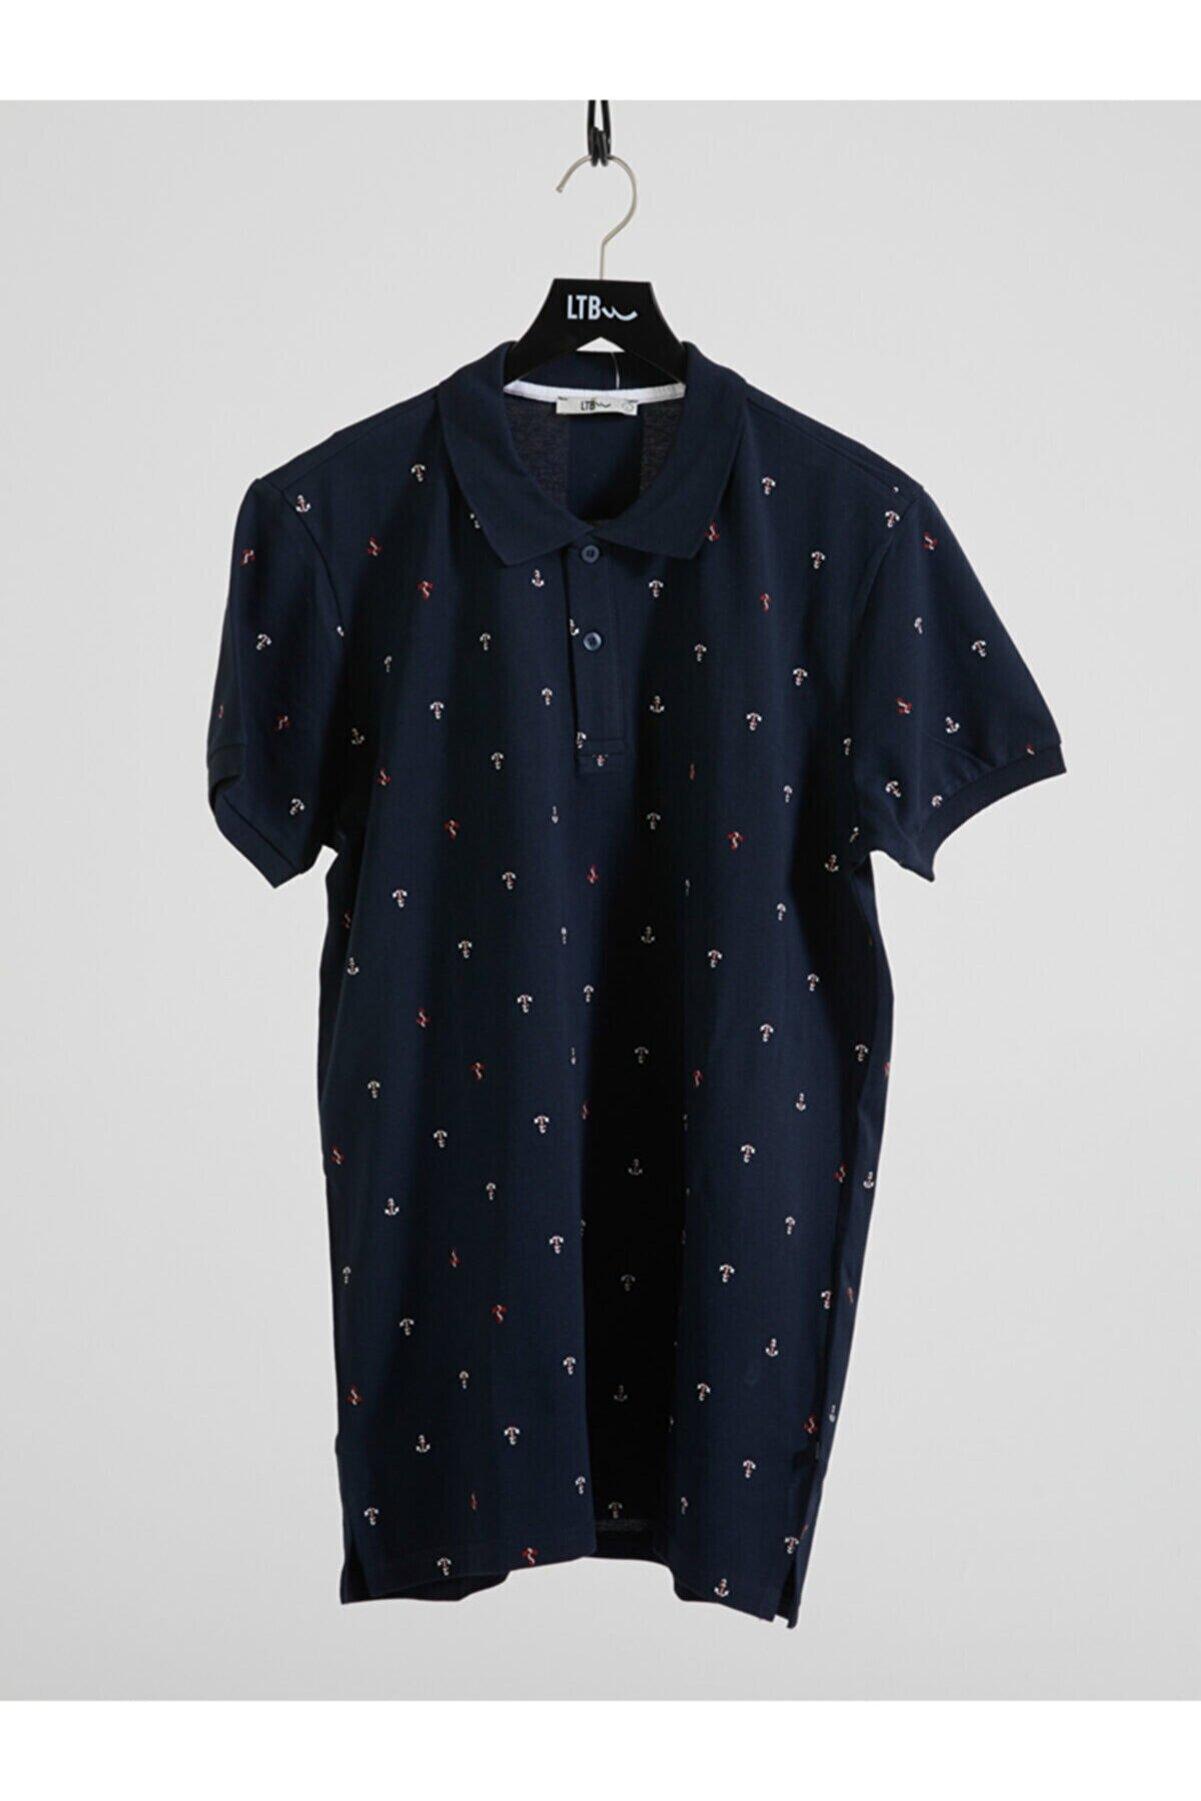 Ltb Erkek  Lacivert Polo Yaka T-Shirt 012208435060890000